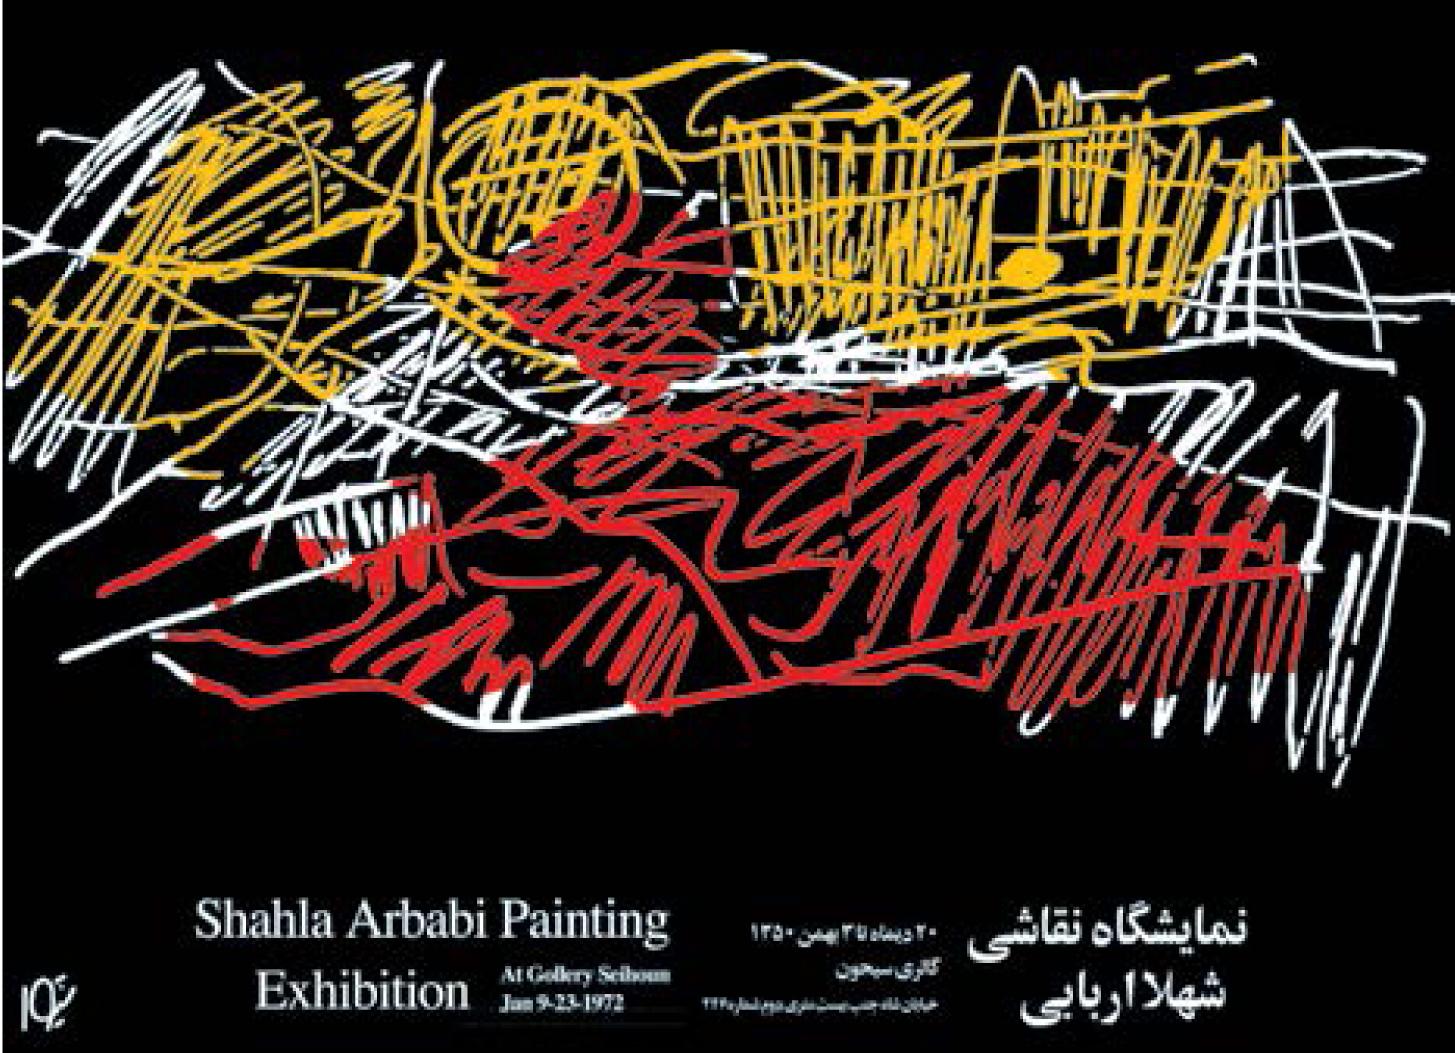 نمایشگاه نقاشی شهلا اربابی